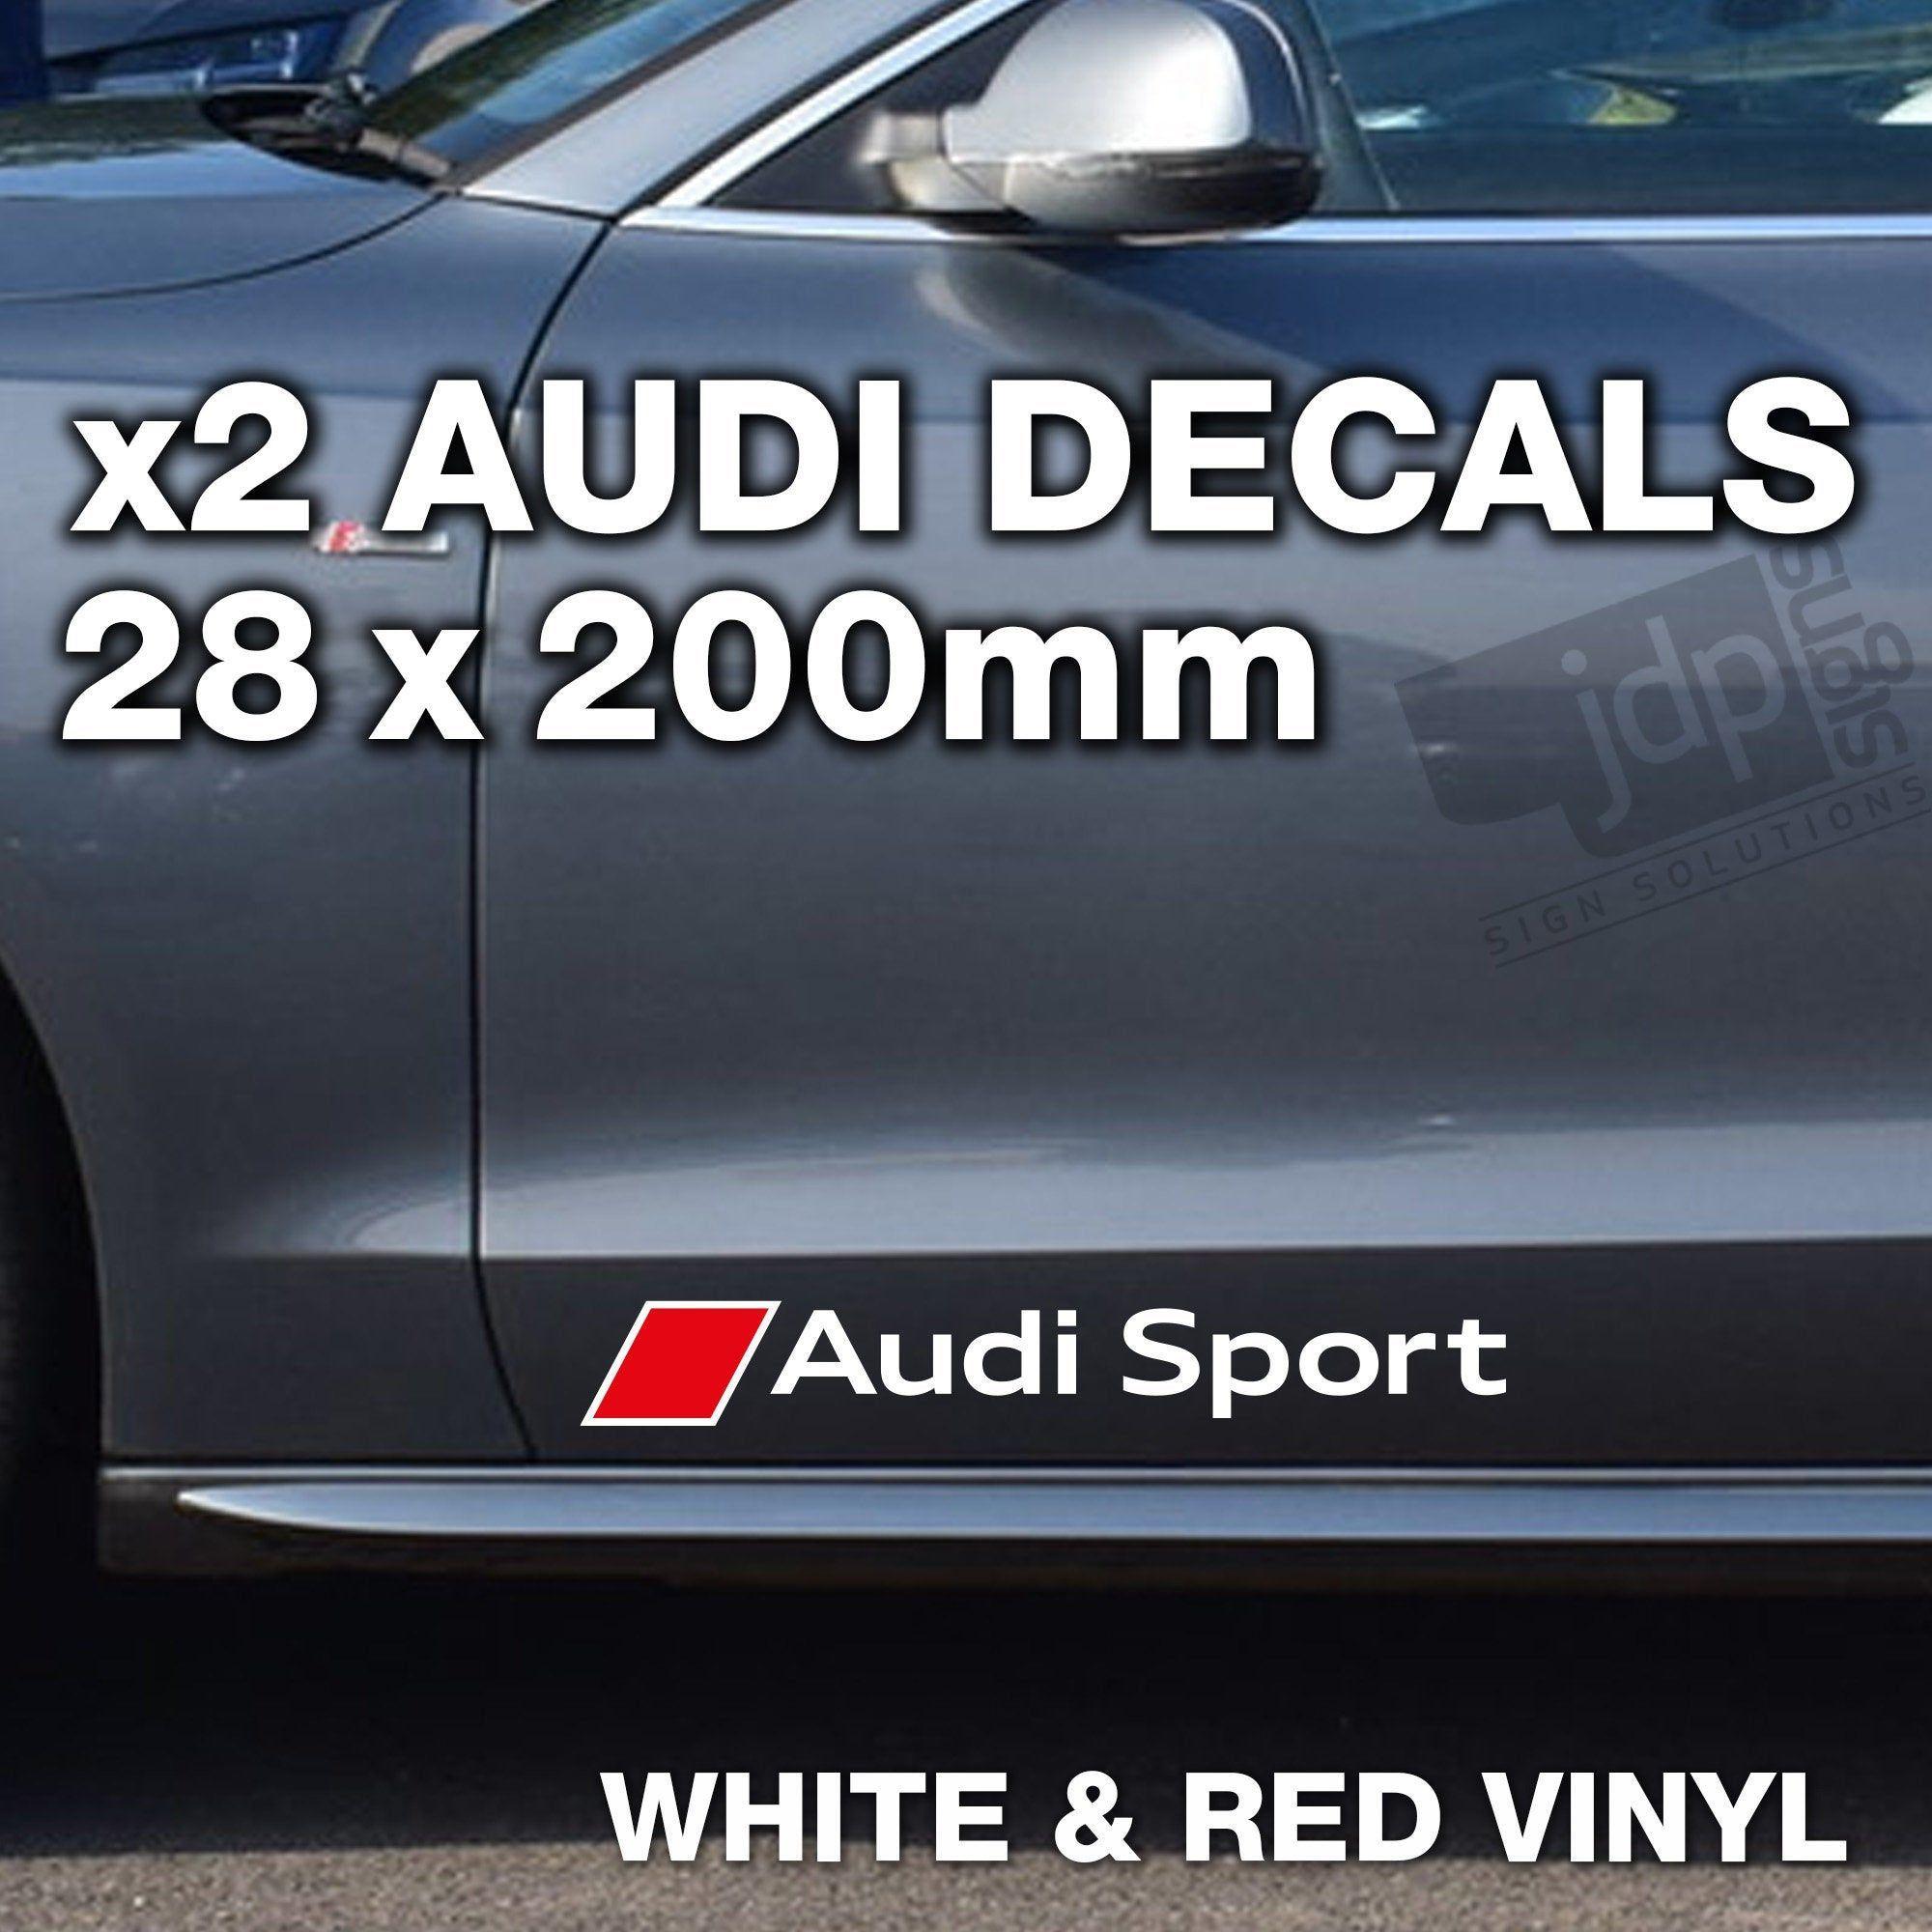 Audi Sport 2 X Door Side Skirt Decals Vinyl Stickers Etsy In 2021 Audi Audi Sport Vinyl [ 2000 x 2000 Pixel ]